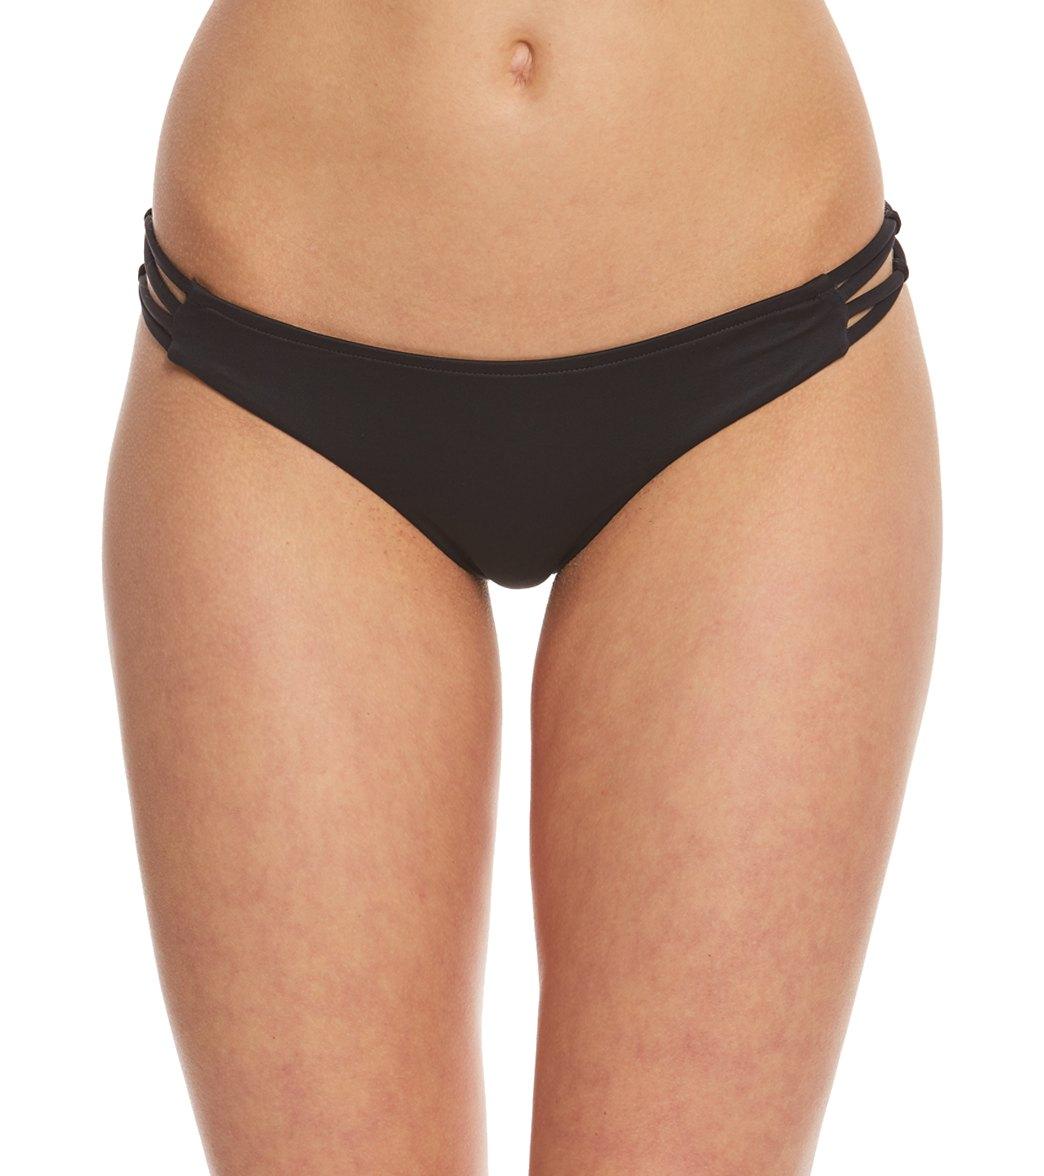 Pucker bikini bottoms